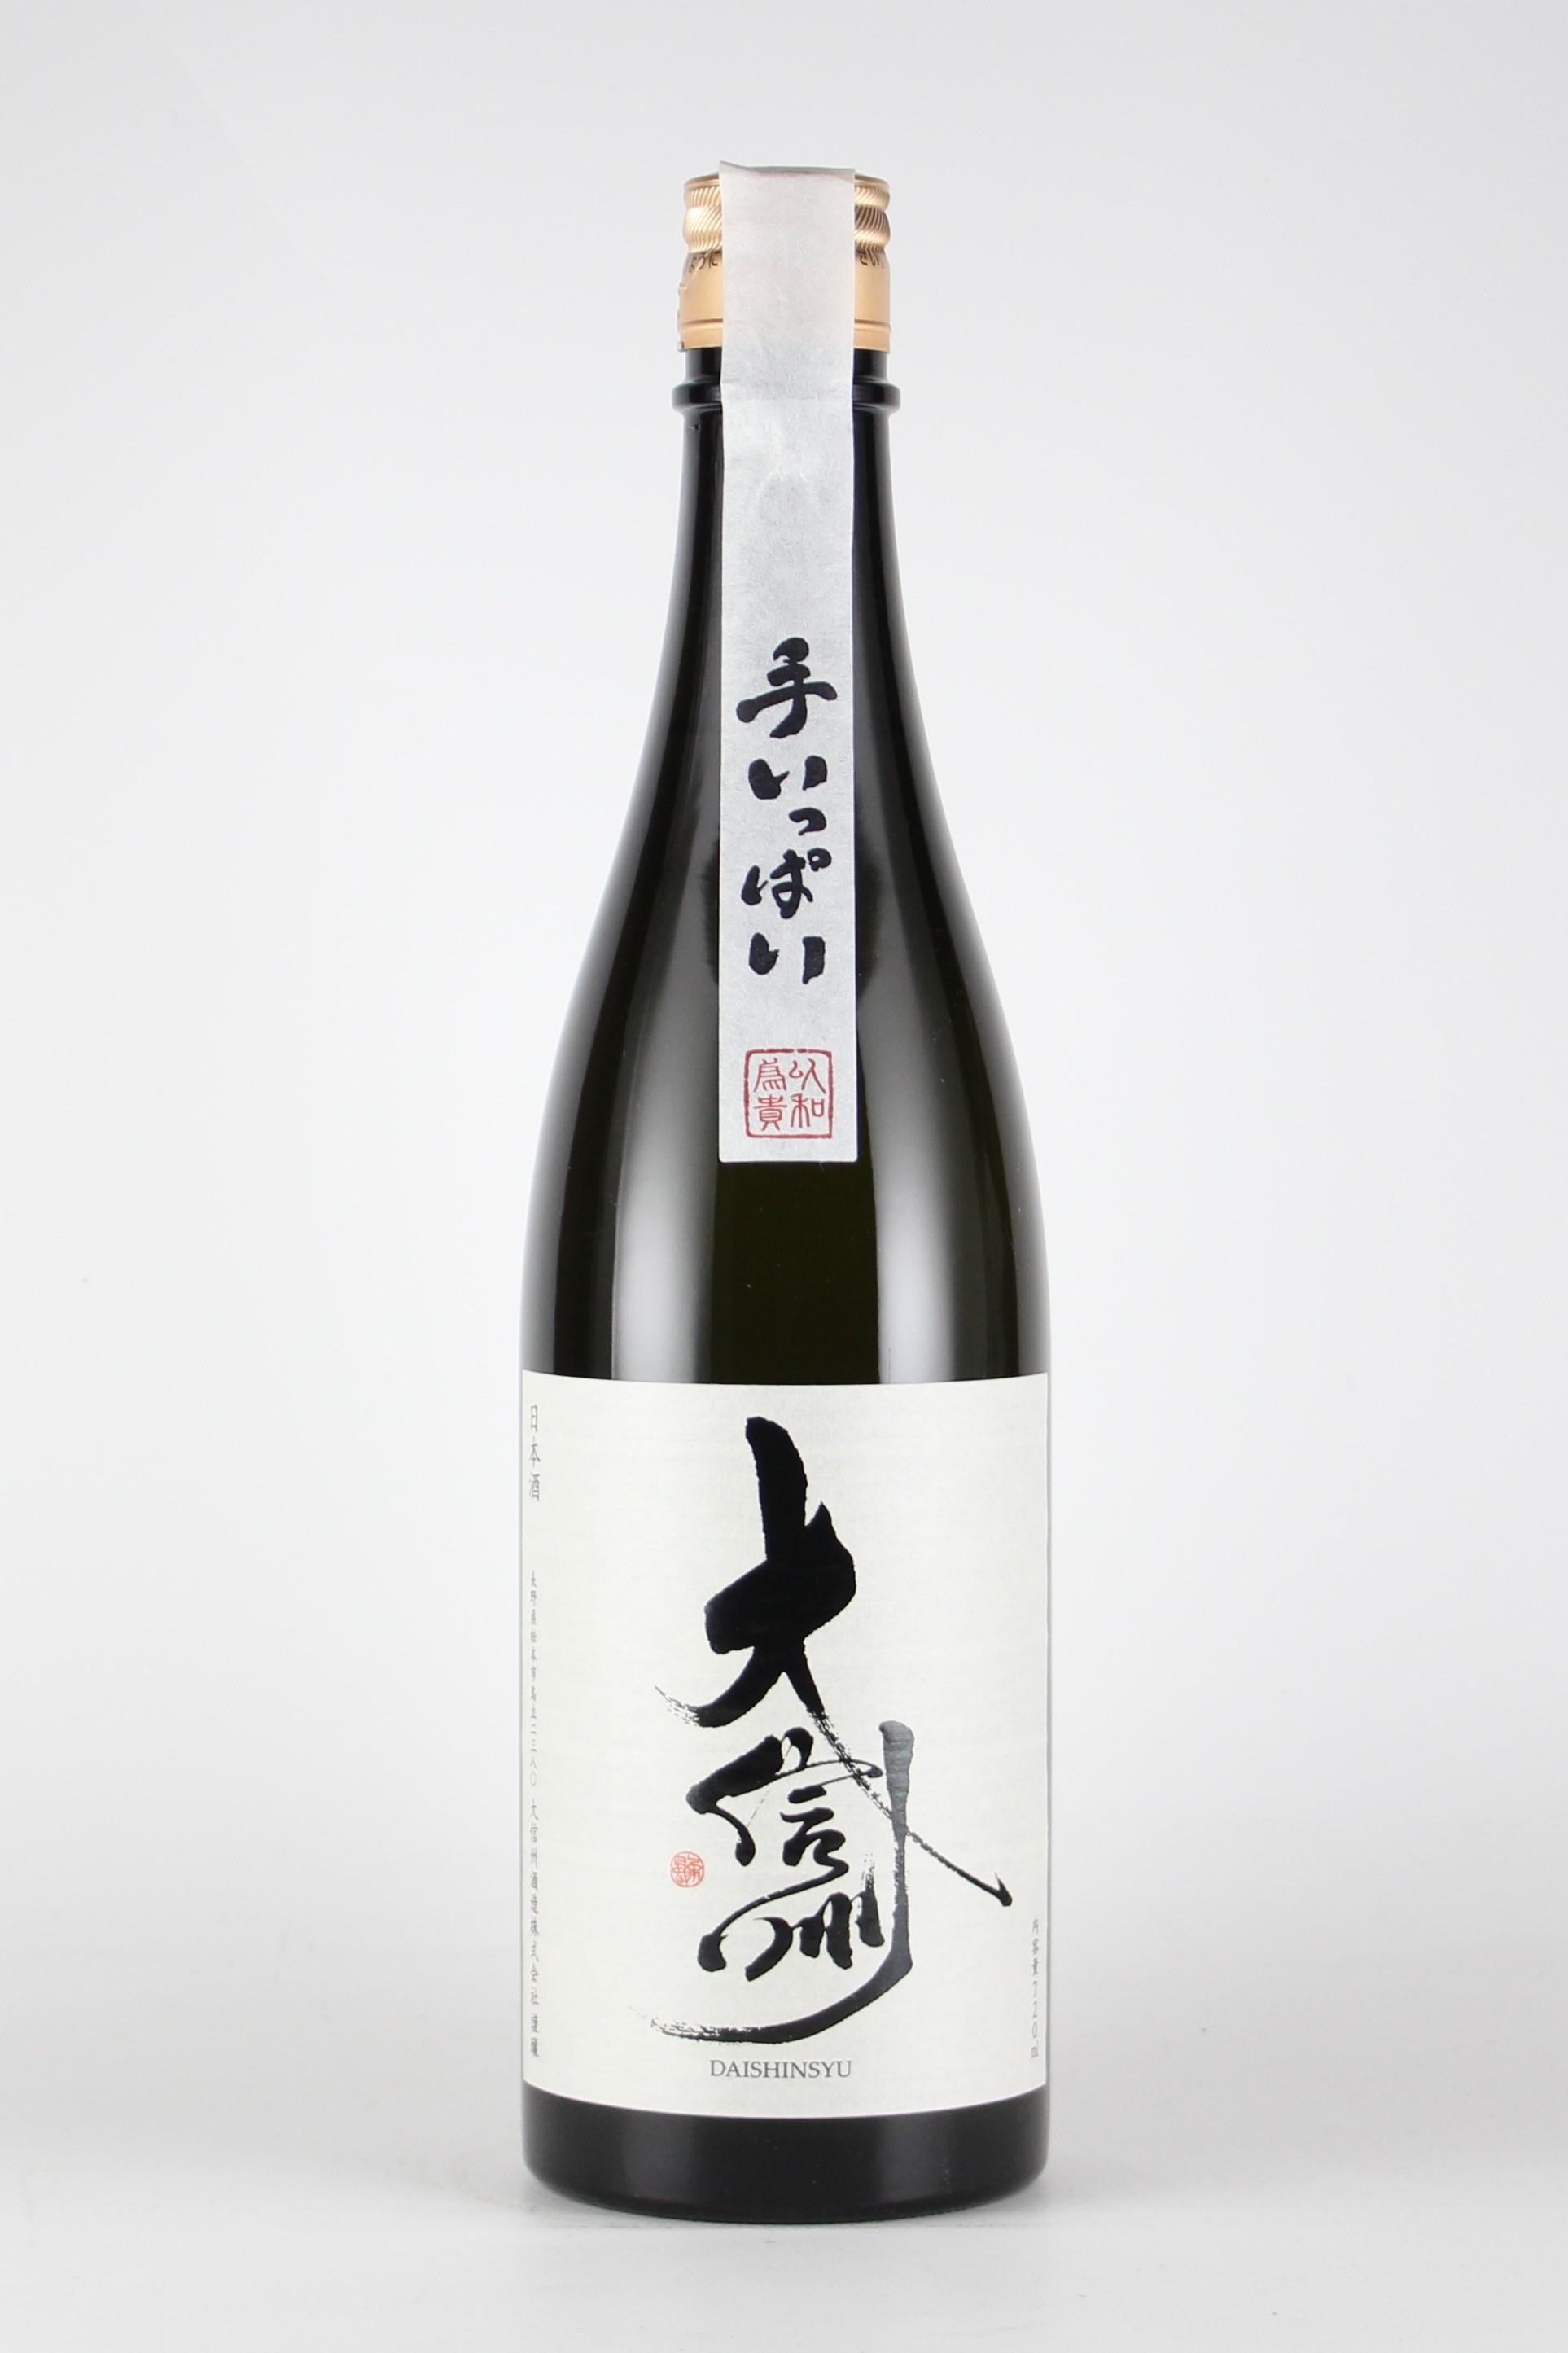 大信州 手いっぱい 純米大吟醸無濾過原酒 720ml 【長野/大信州酒造】